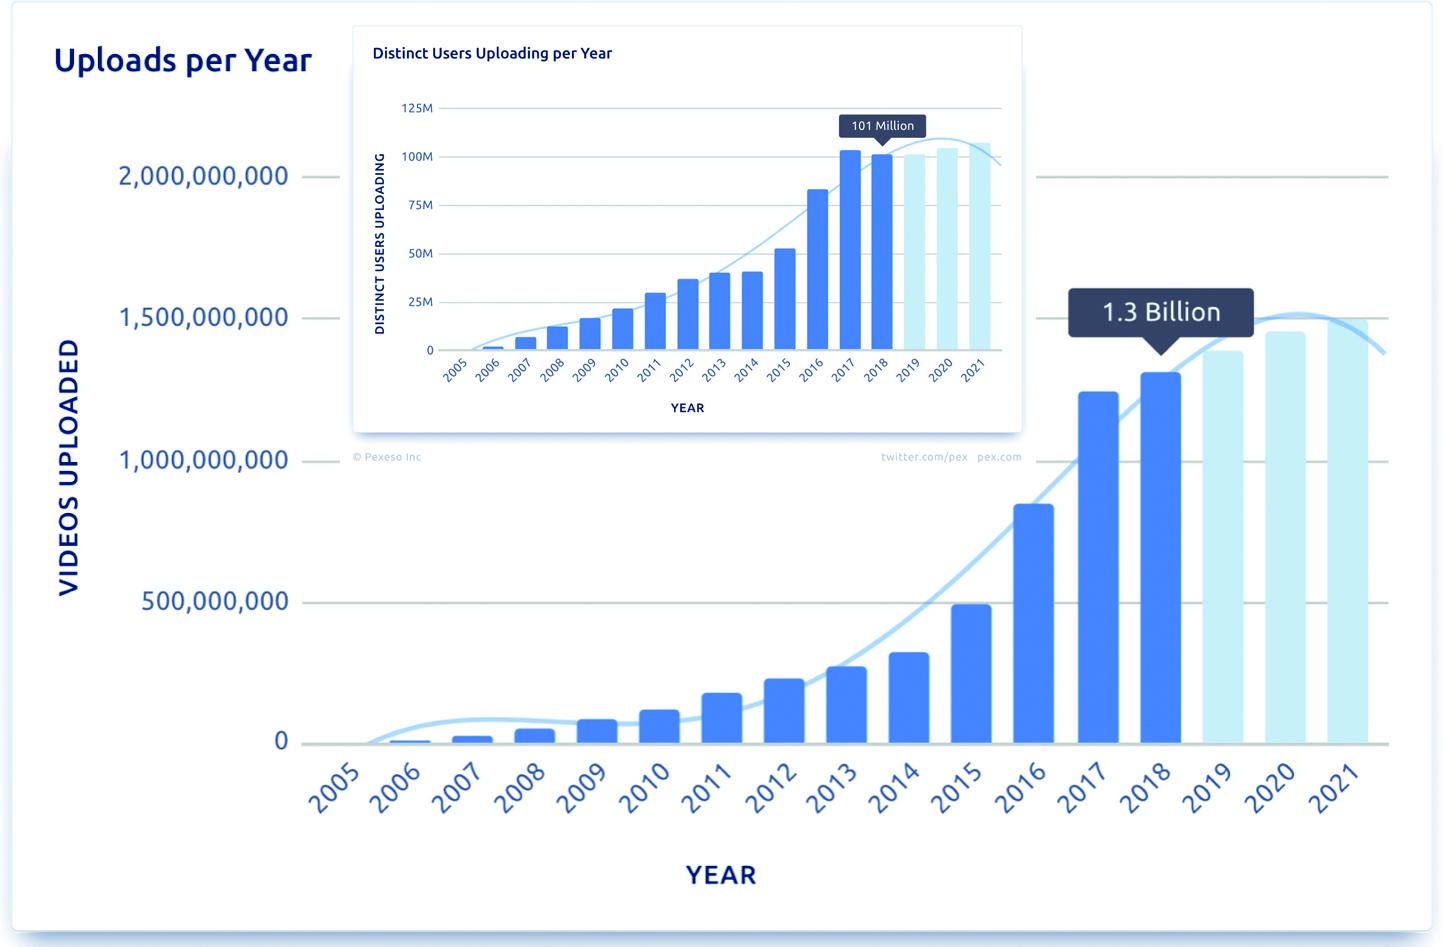 Het aantal video-uploads per jaar